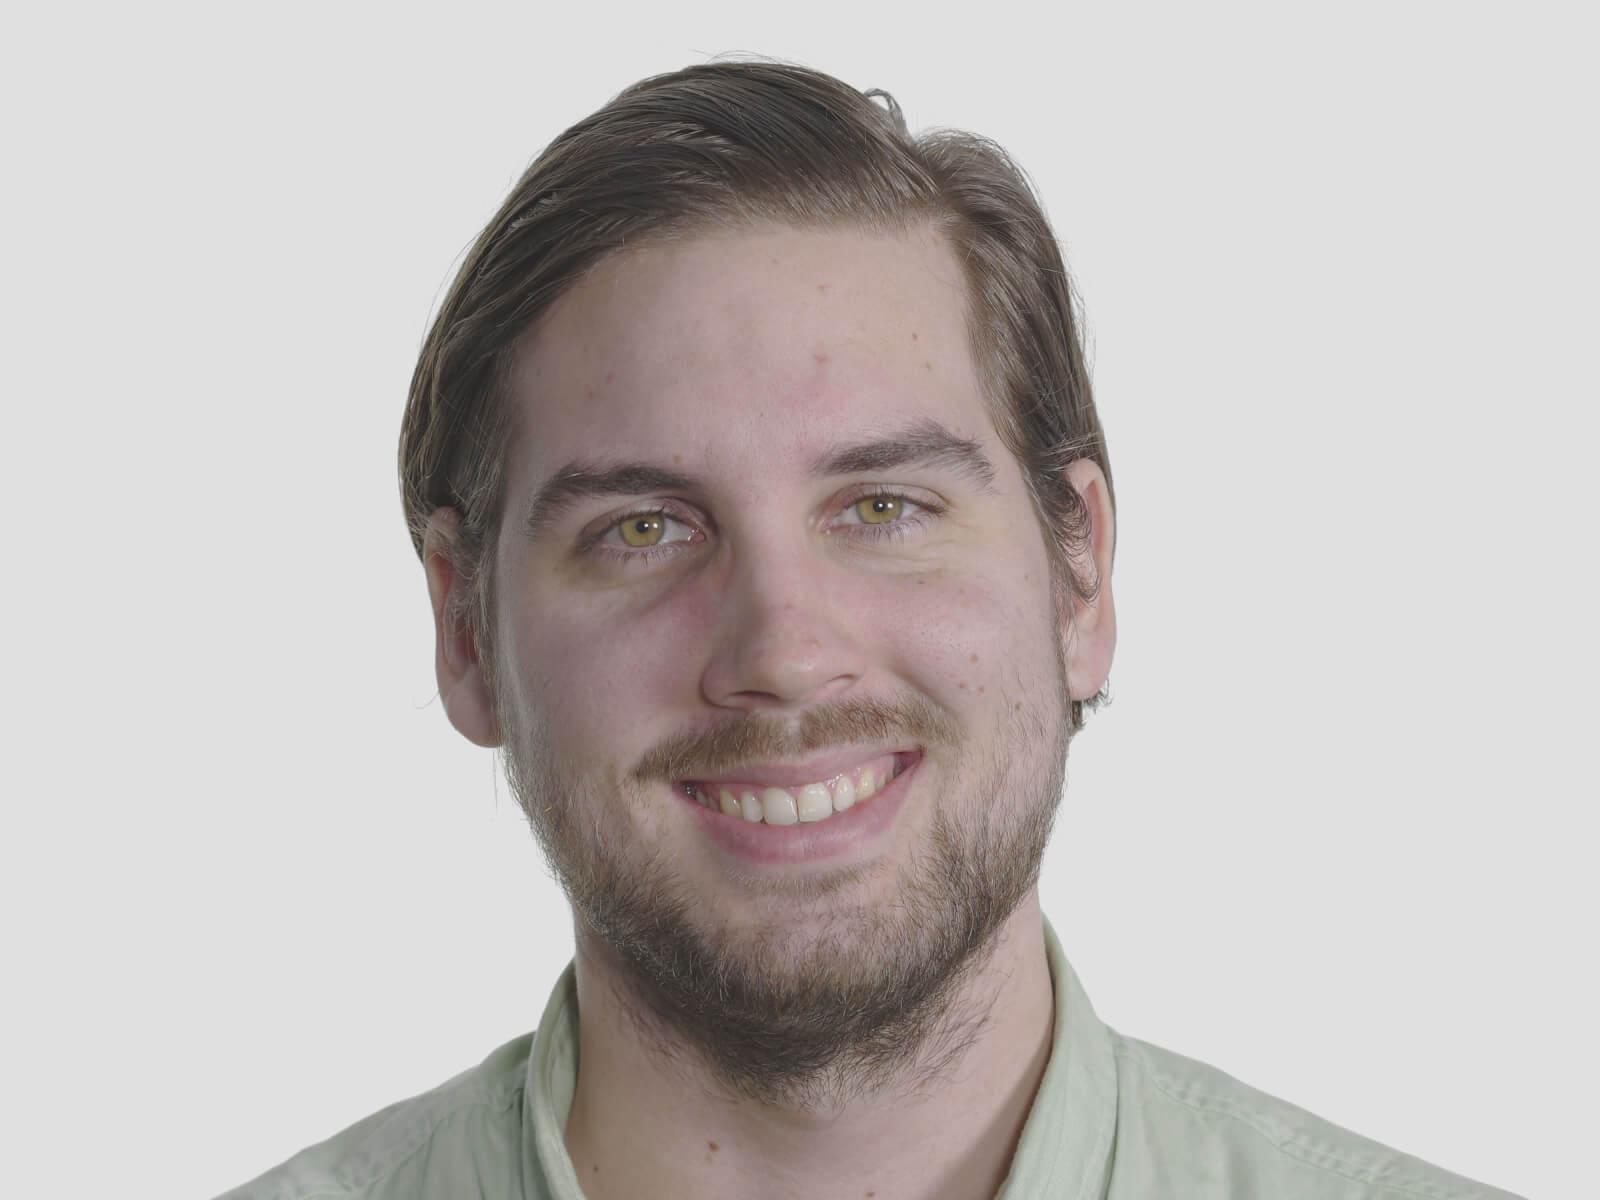 Bildredigering av ansikte